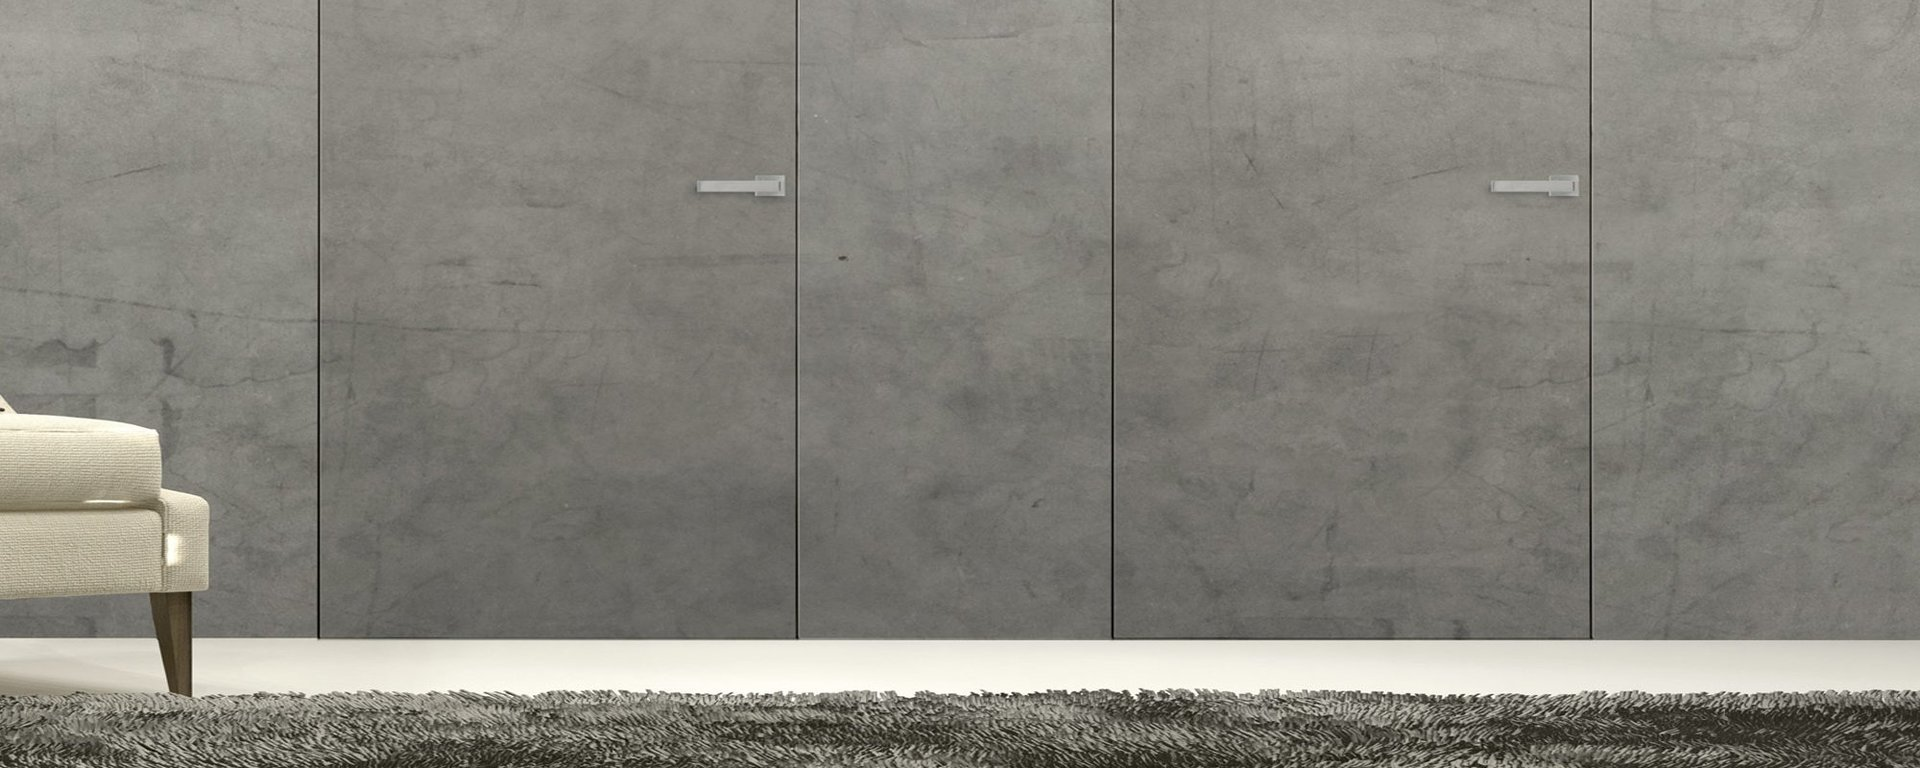 porte grigie